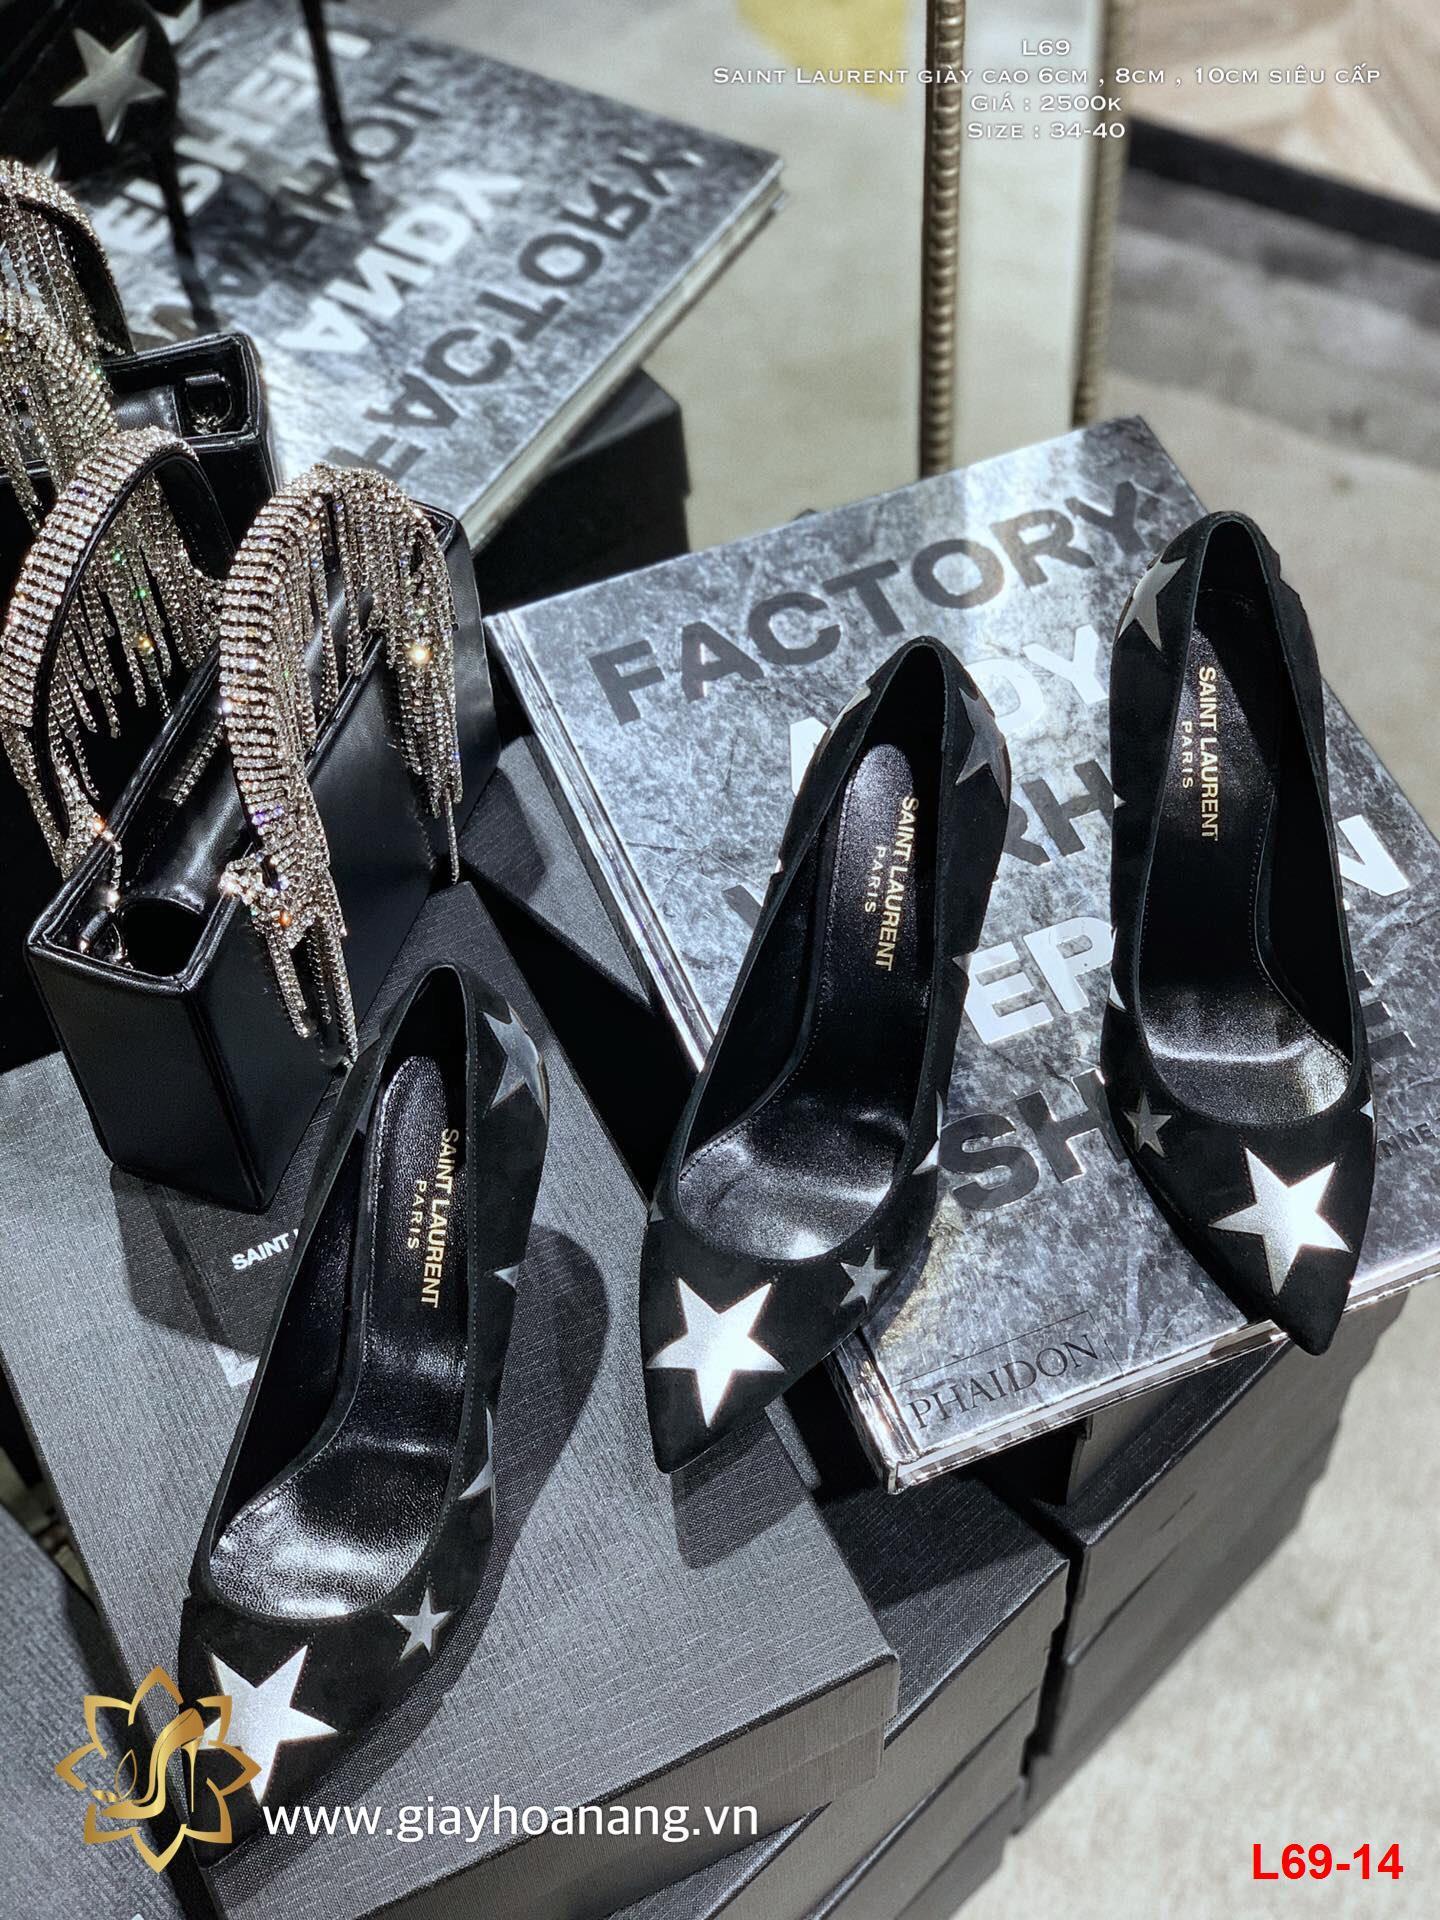 L69-14 Saint Laurent giày cao 6cm , 8cm , 10cm siêu cấp